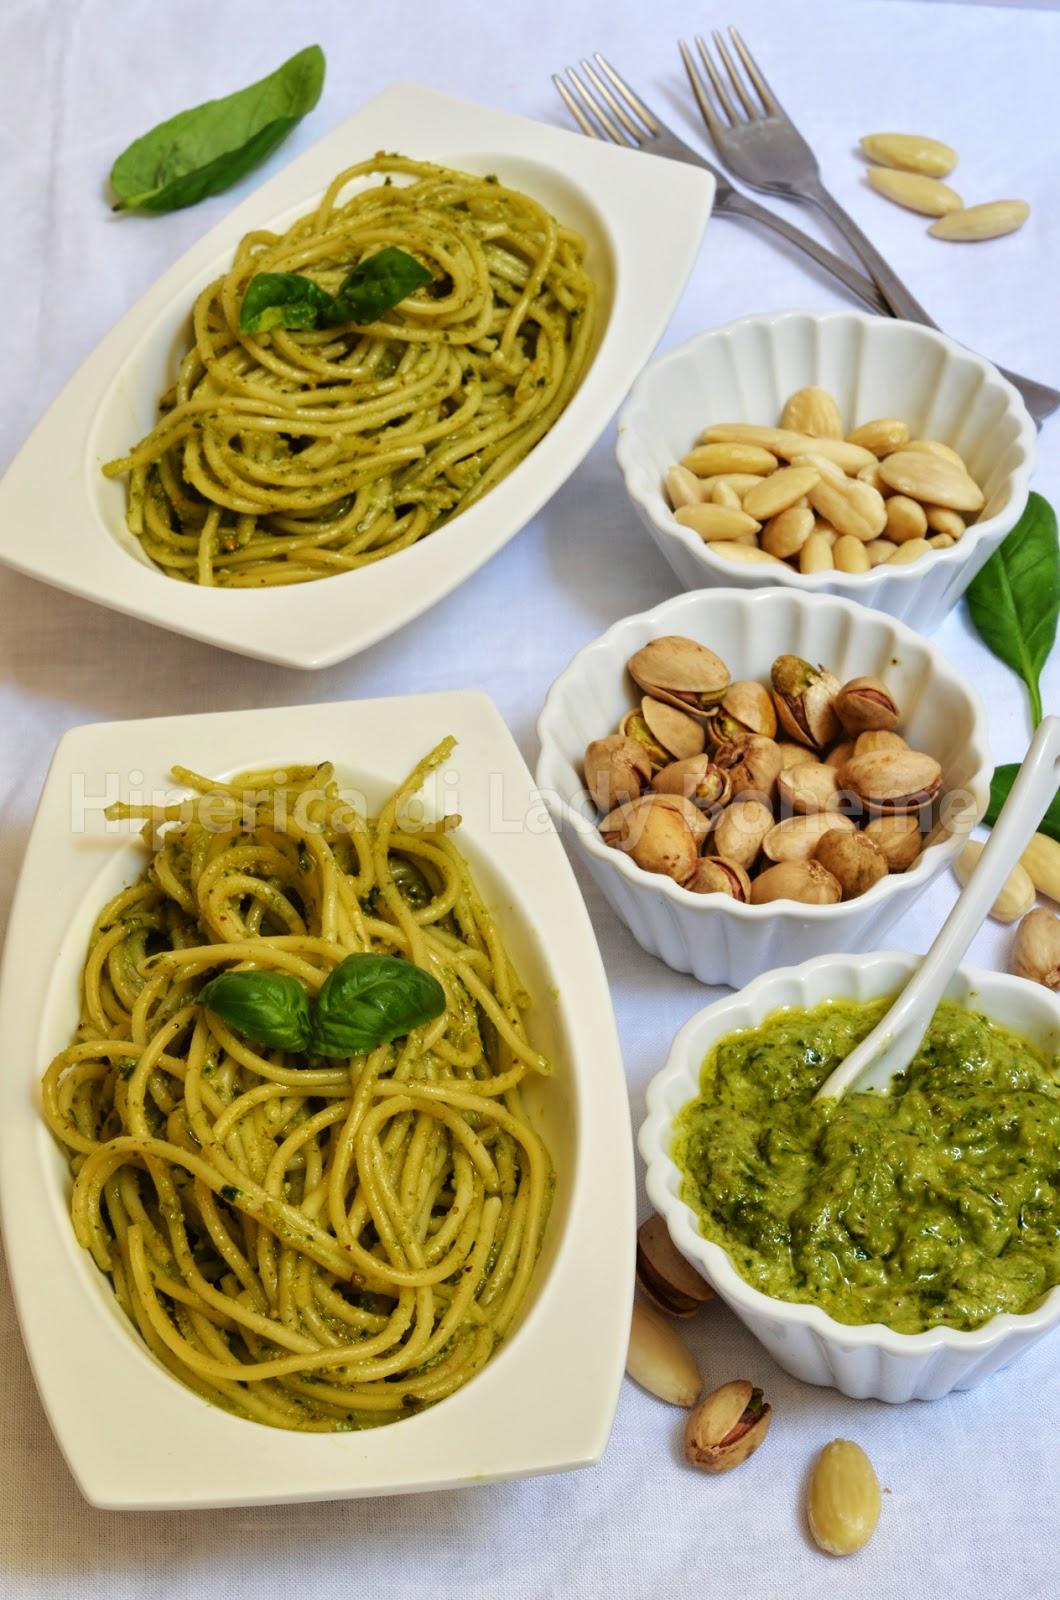 hiperica_lady_boheme_blog_cucina_ricette_gustose_facili_veloci_pasta_al_pesto_di_pistacchi_e_mandorle_1